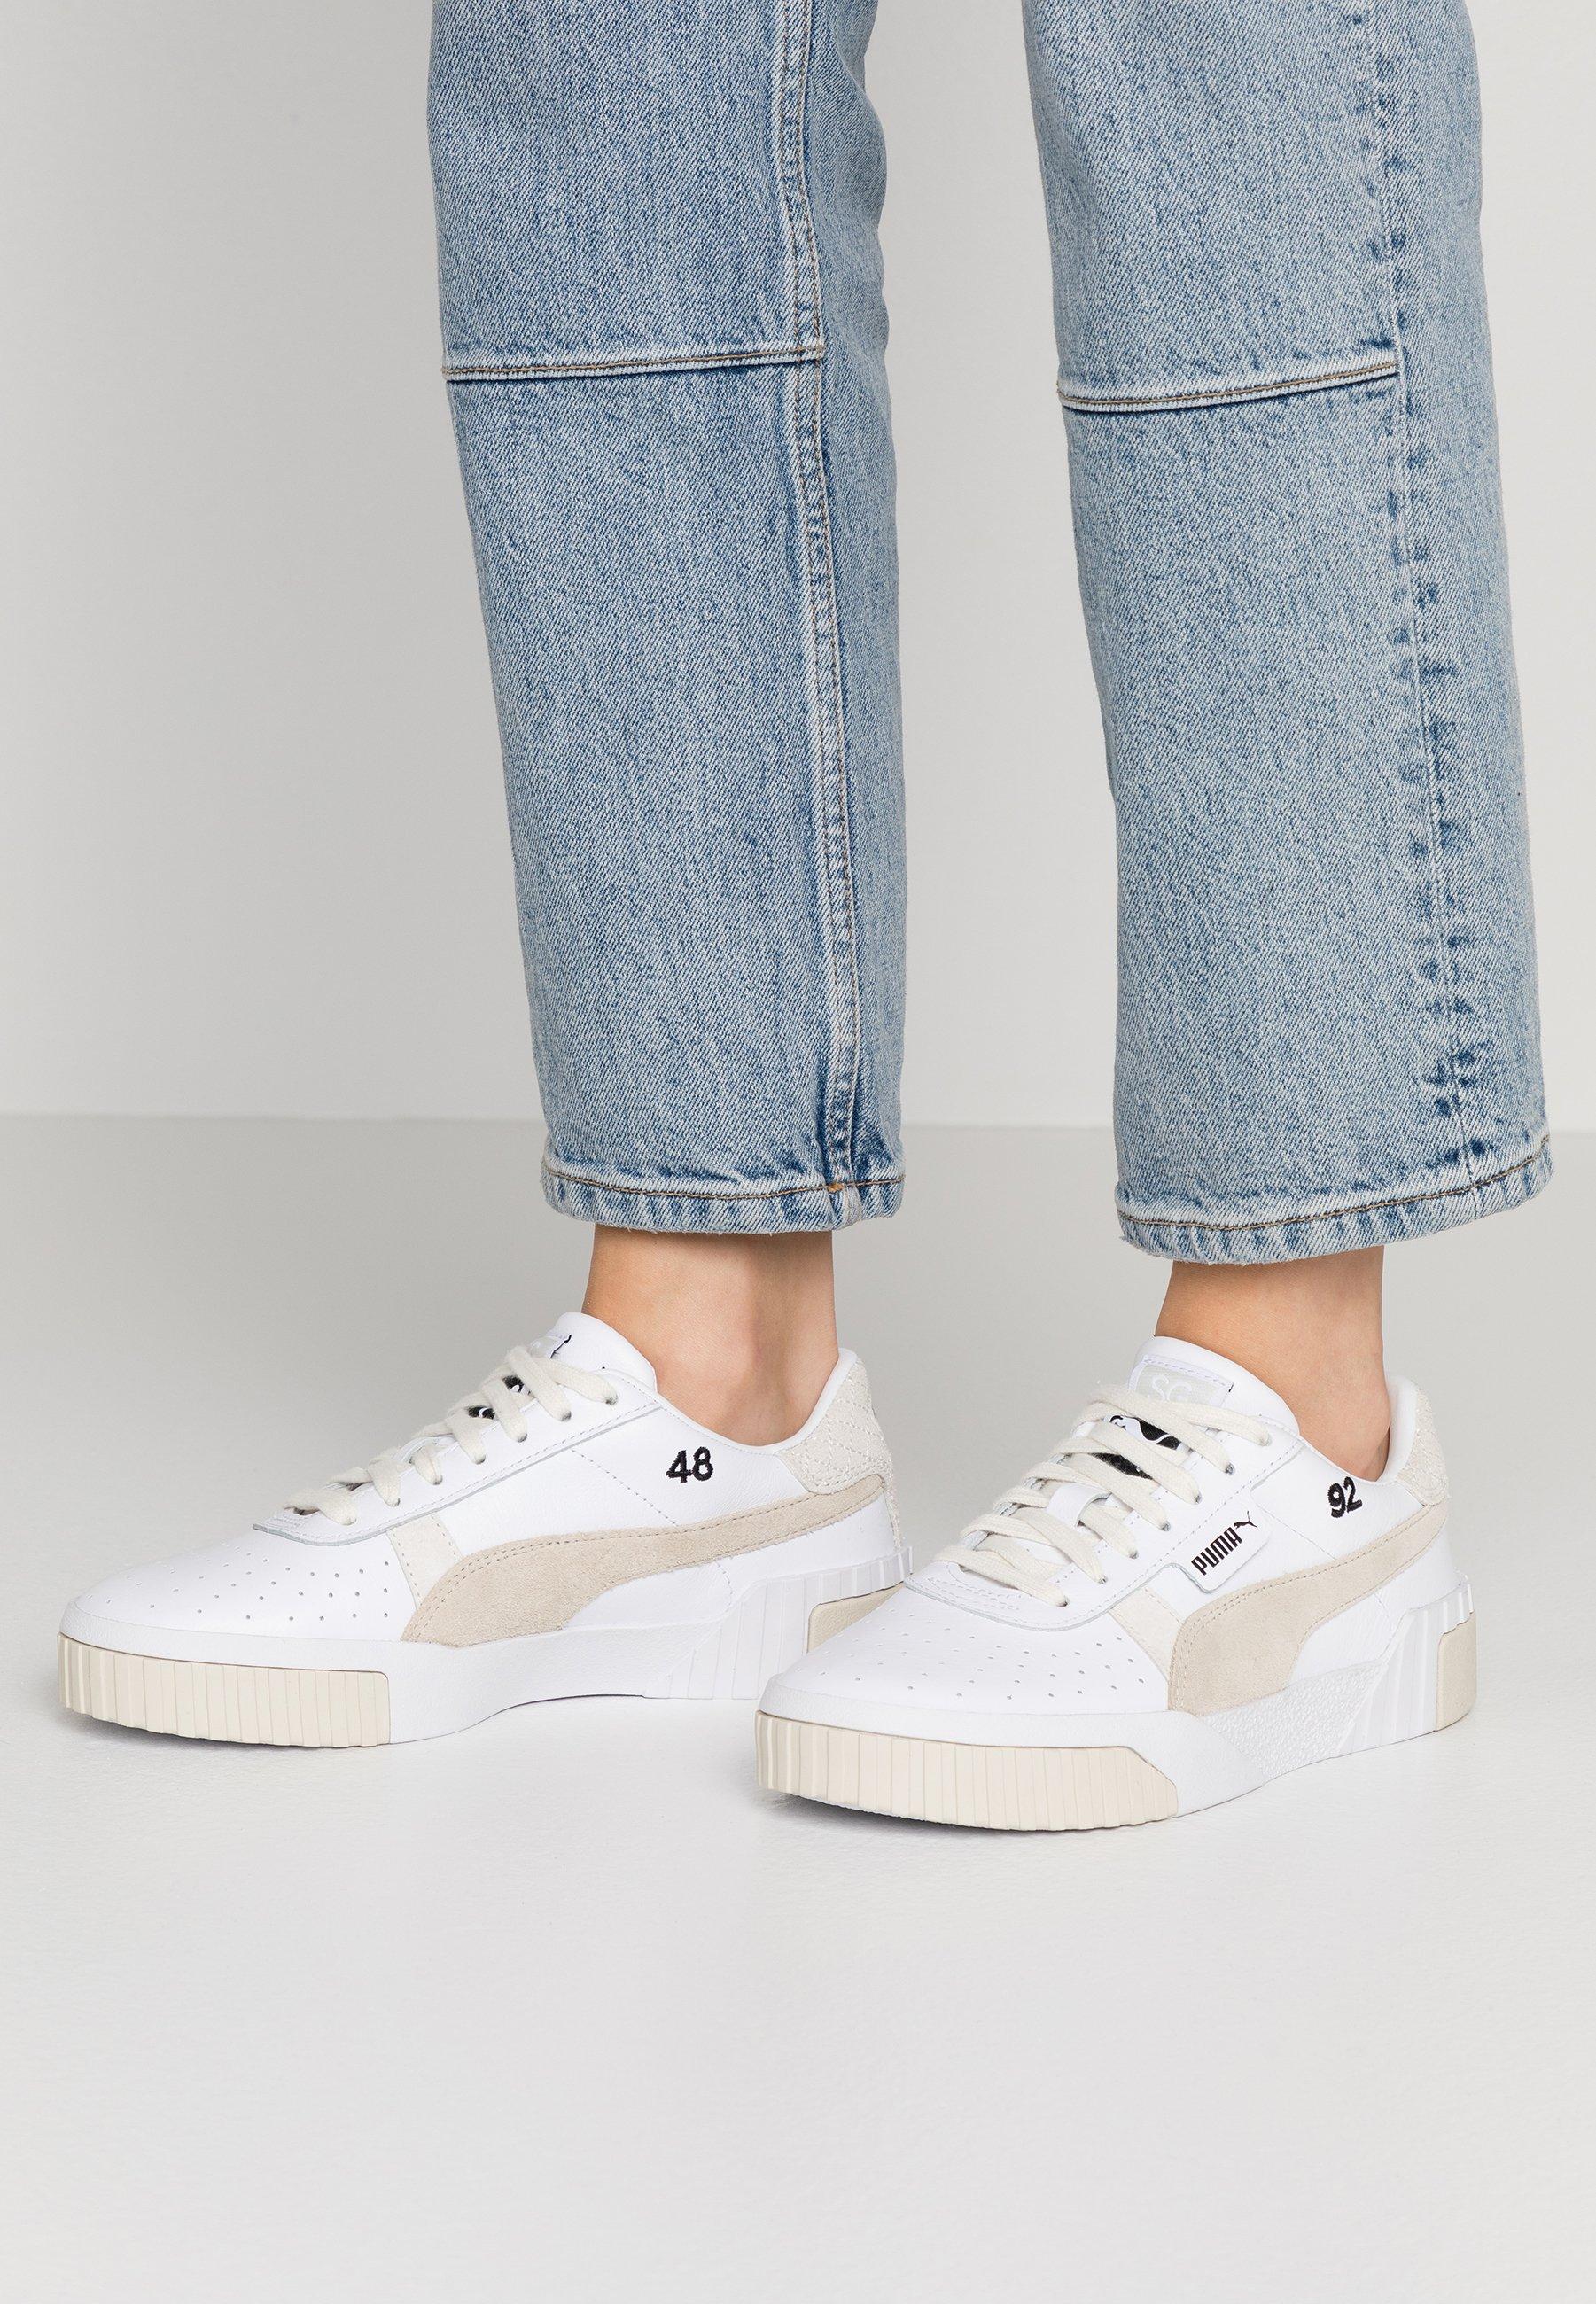 CALI SELENA GOMEZ Sneaker low whitesilver gray